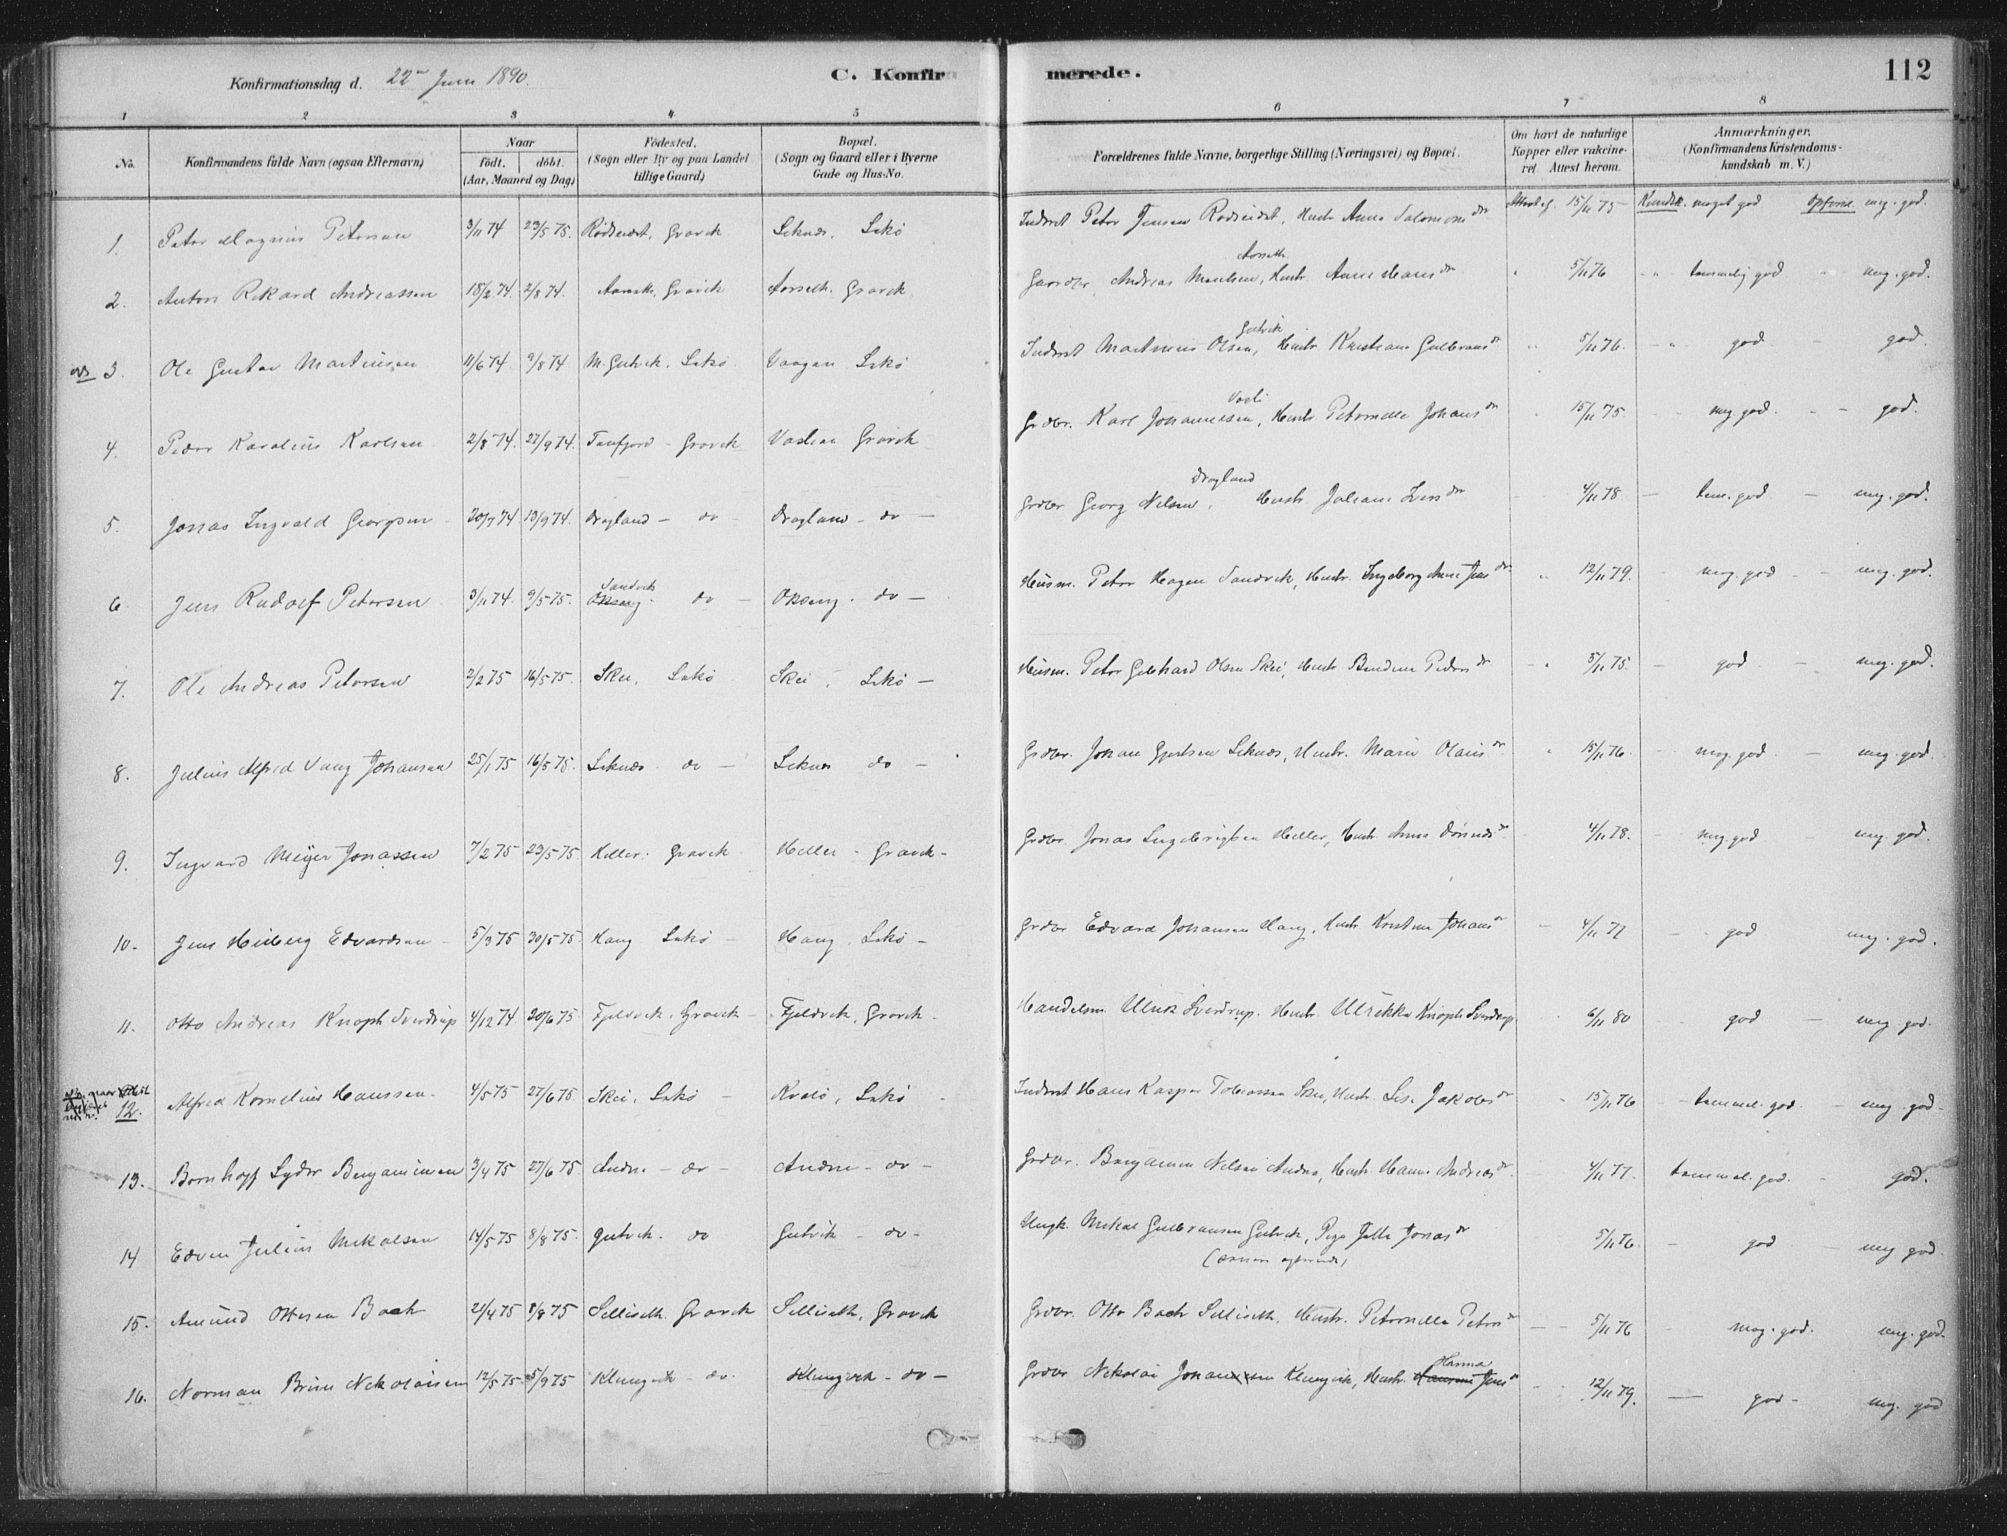 SAT, Ministerialprotokoller, klokkerbøker og fødselsregistre - Nord-Trøndelag, 788/L0697: Ministerialbok nr. 788A04, 1878-1902, s. 112